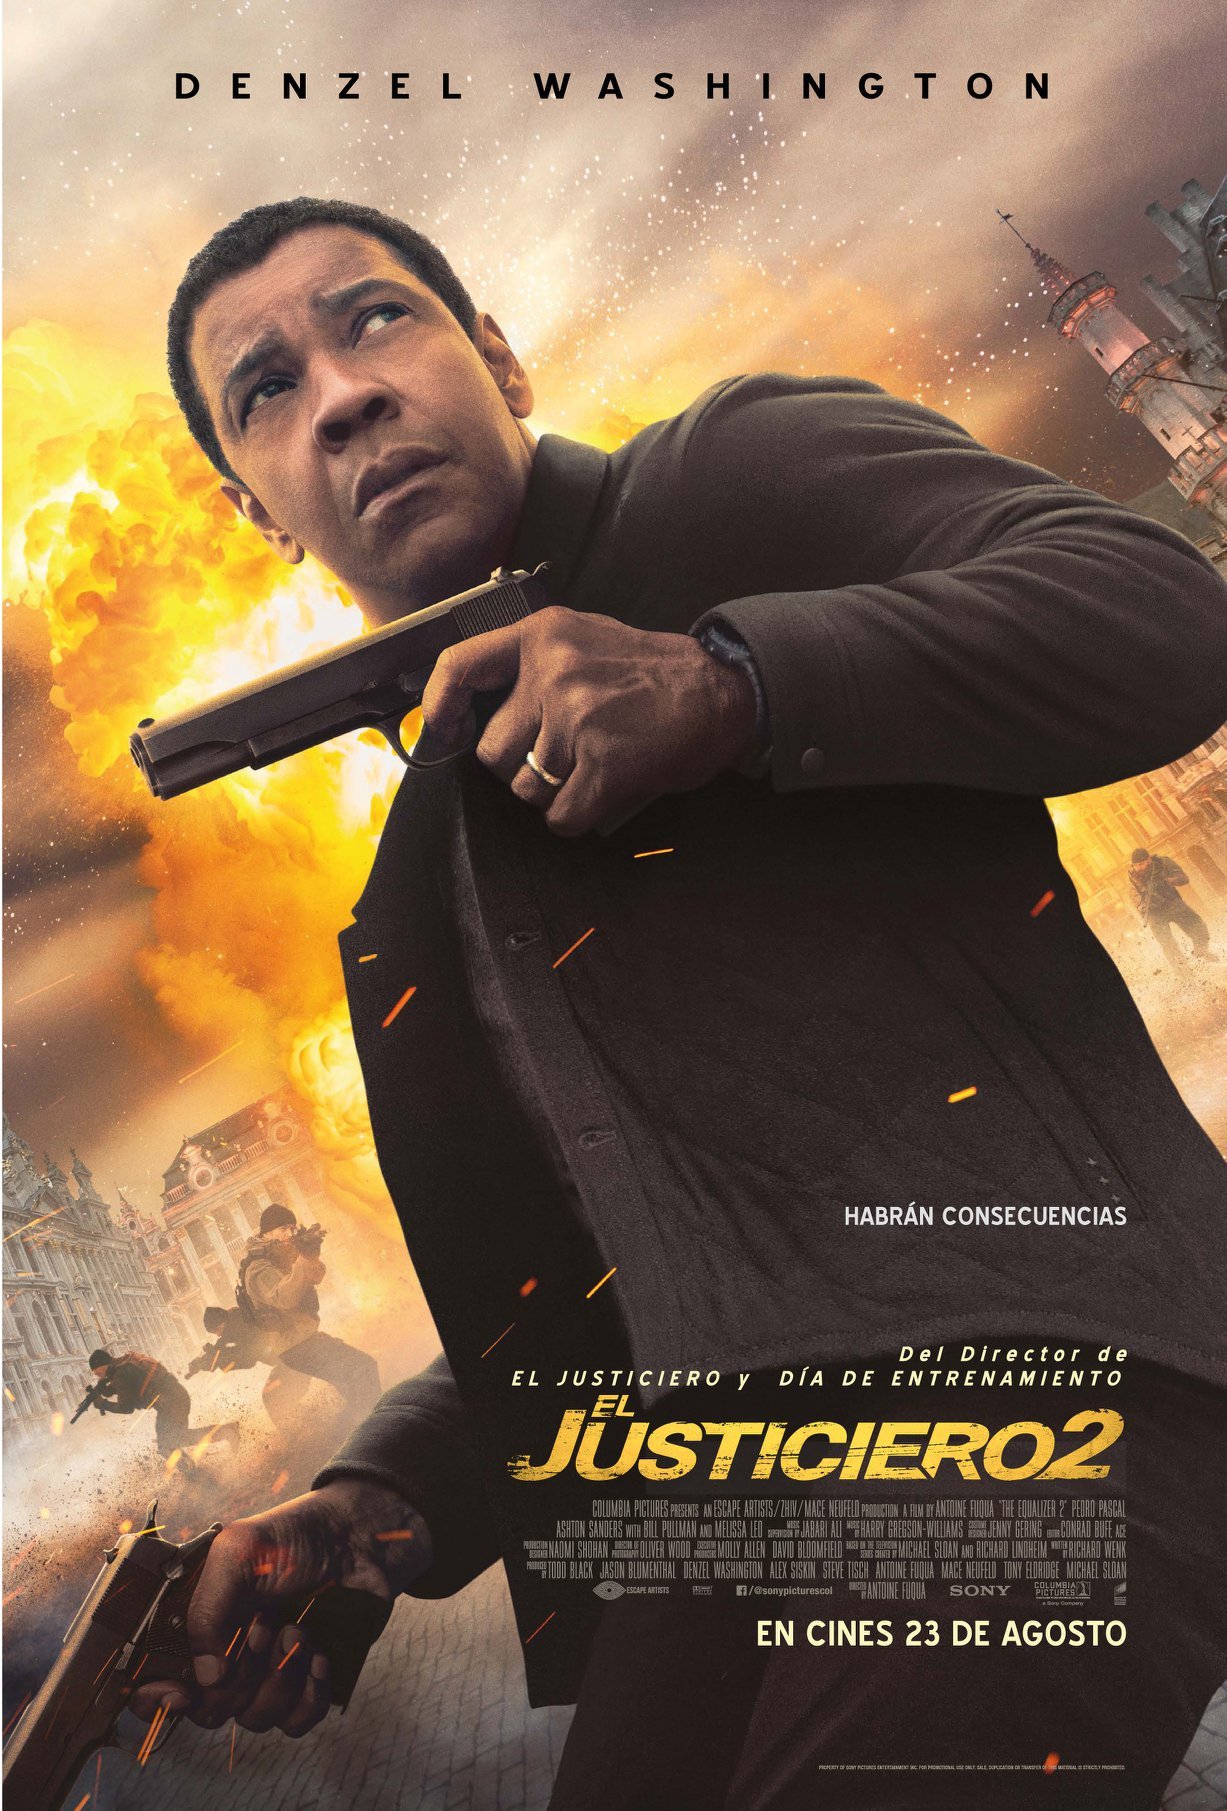 Photo of Jueves de estreno de Cinemark 'El justiciero 2'